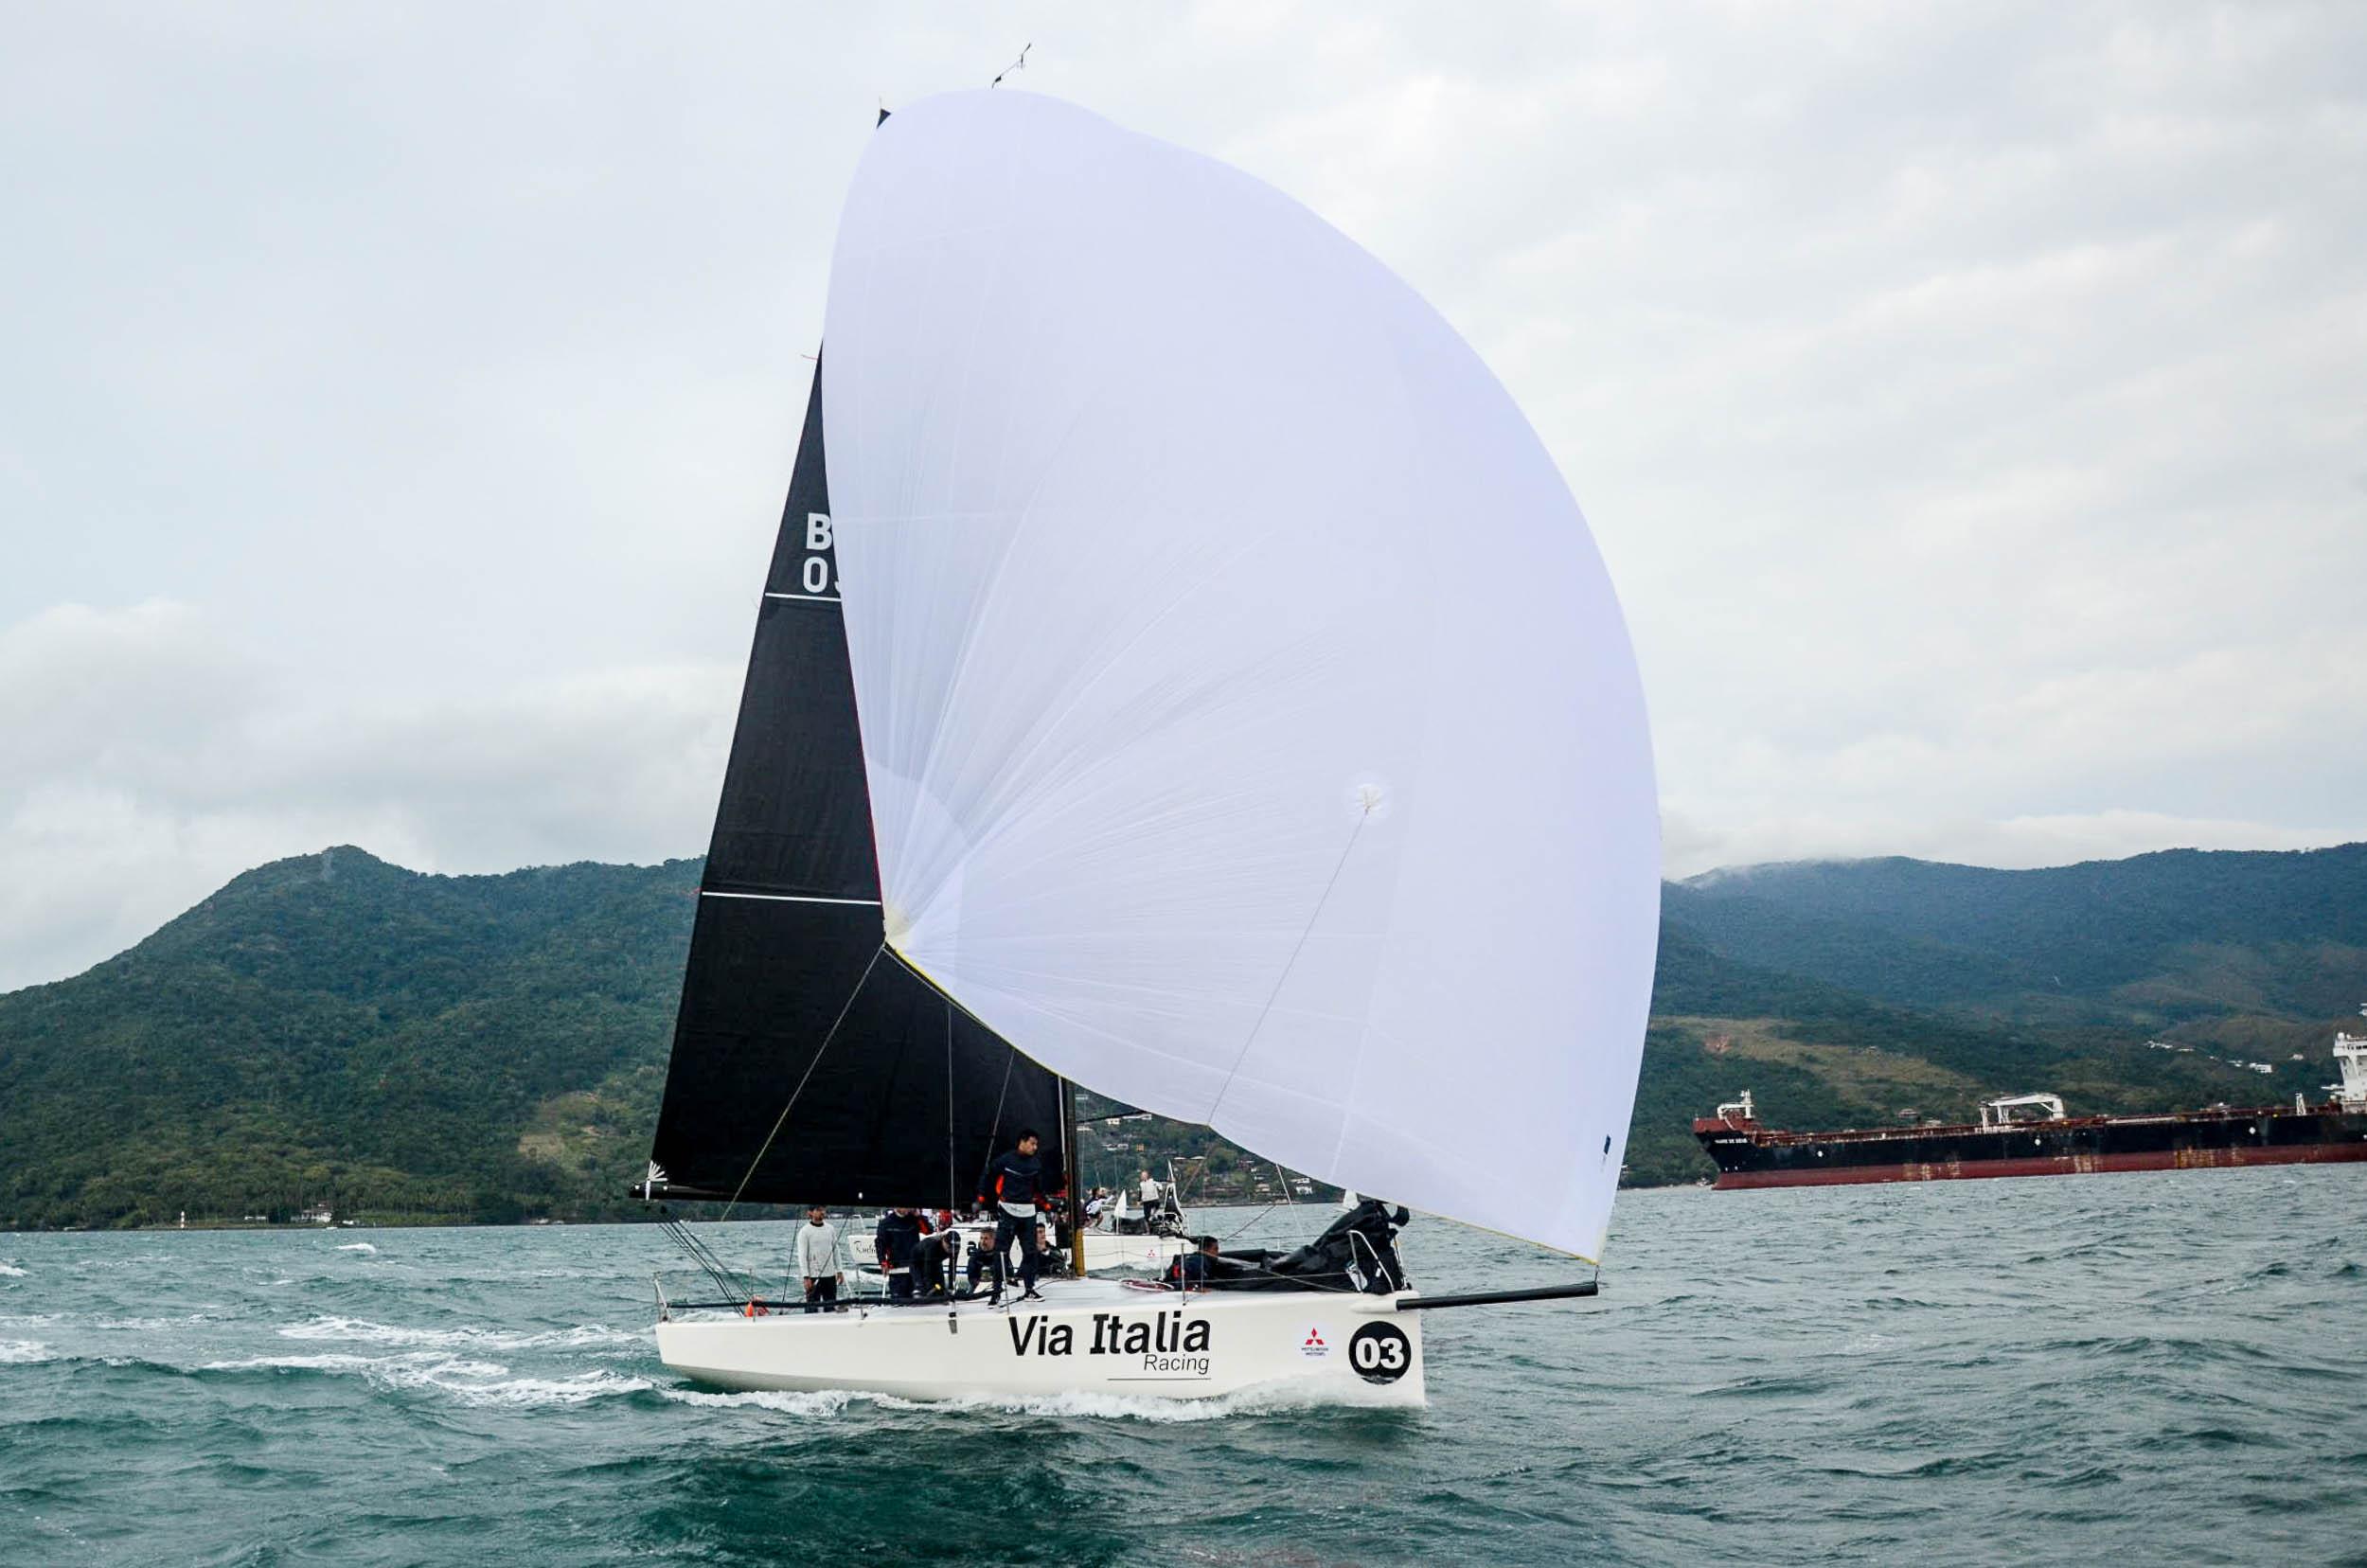 Kaikias Via Itália (Aline Bassi : Balaio de Ideias) - boat shopping